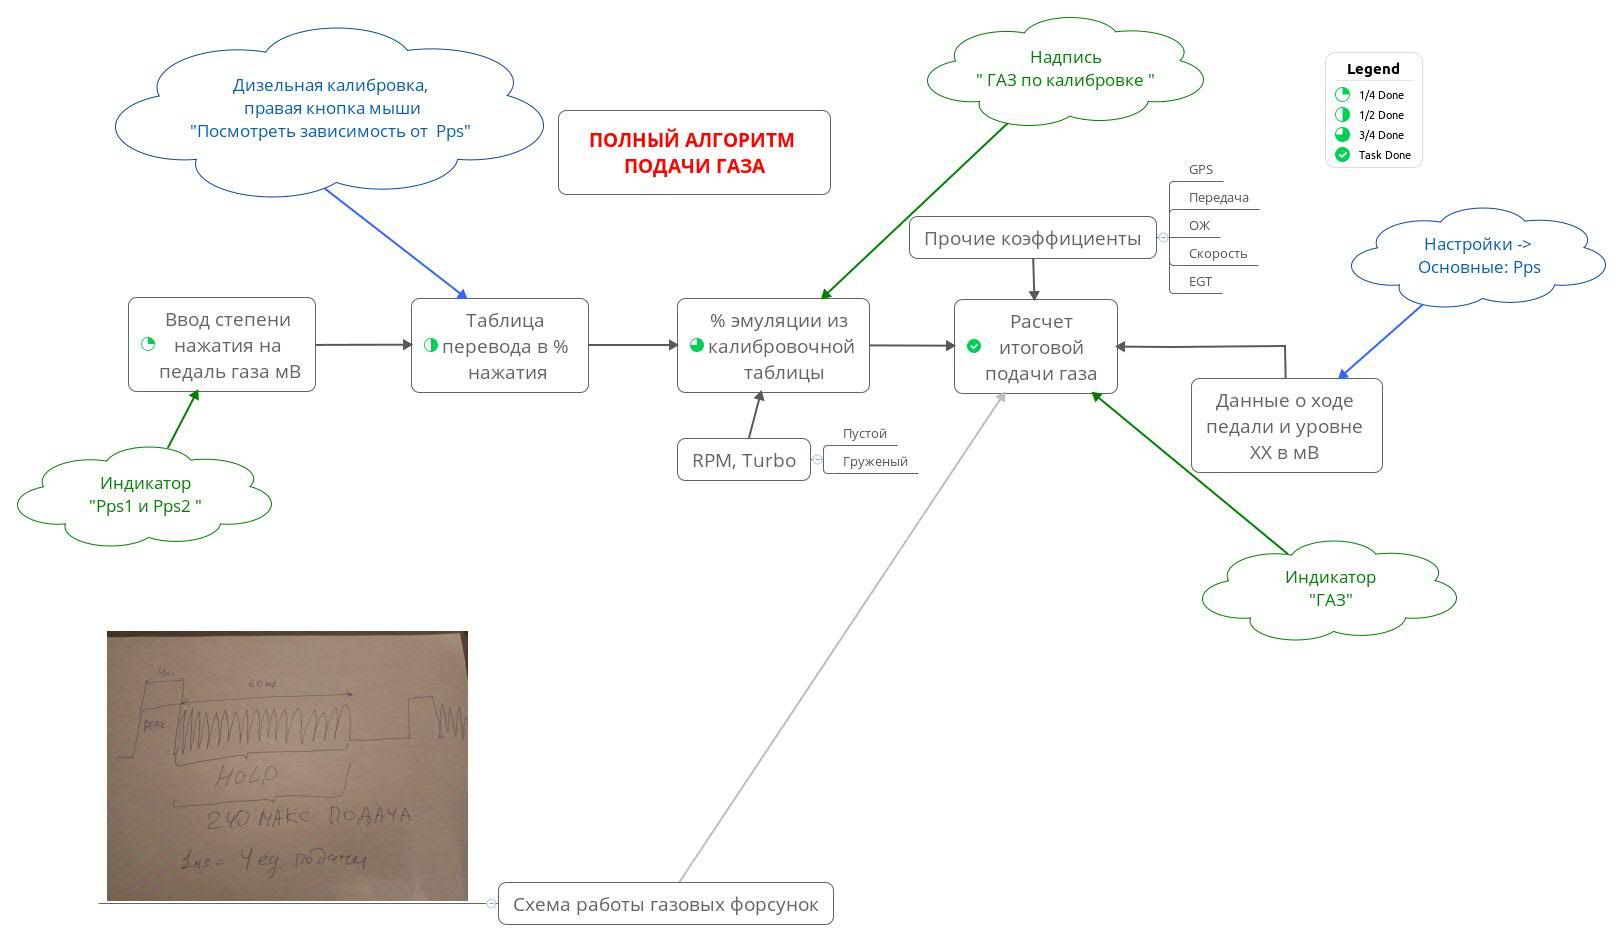 Полный алгоритм подачи газа